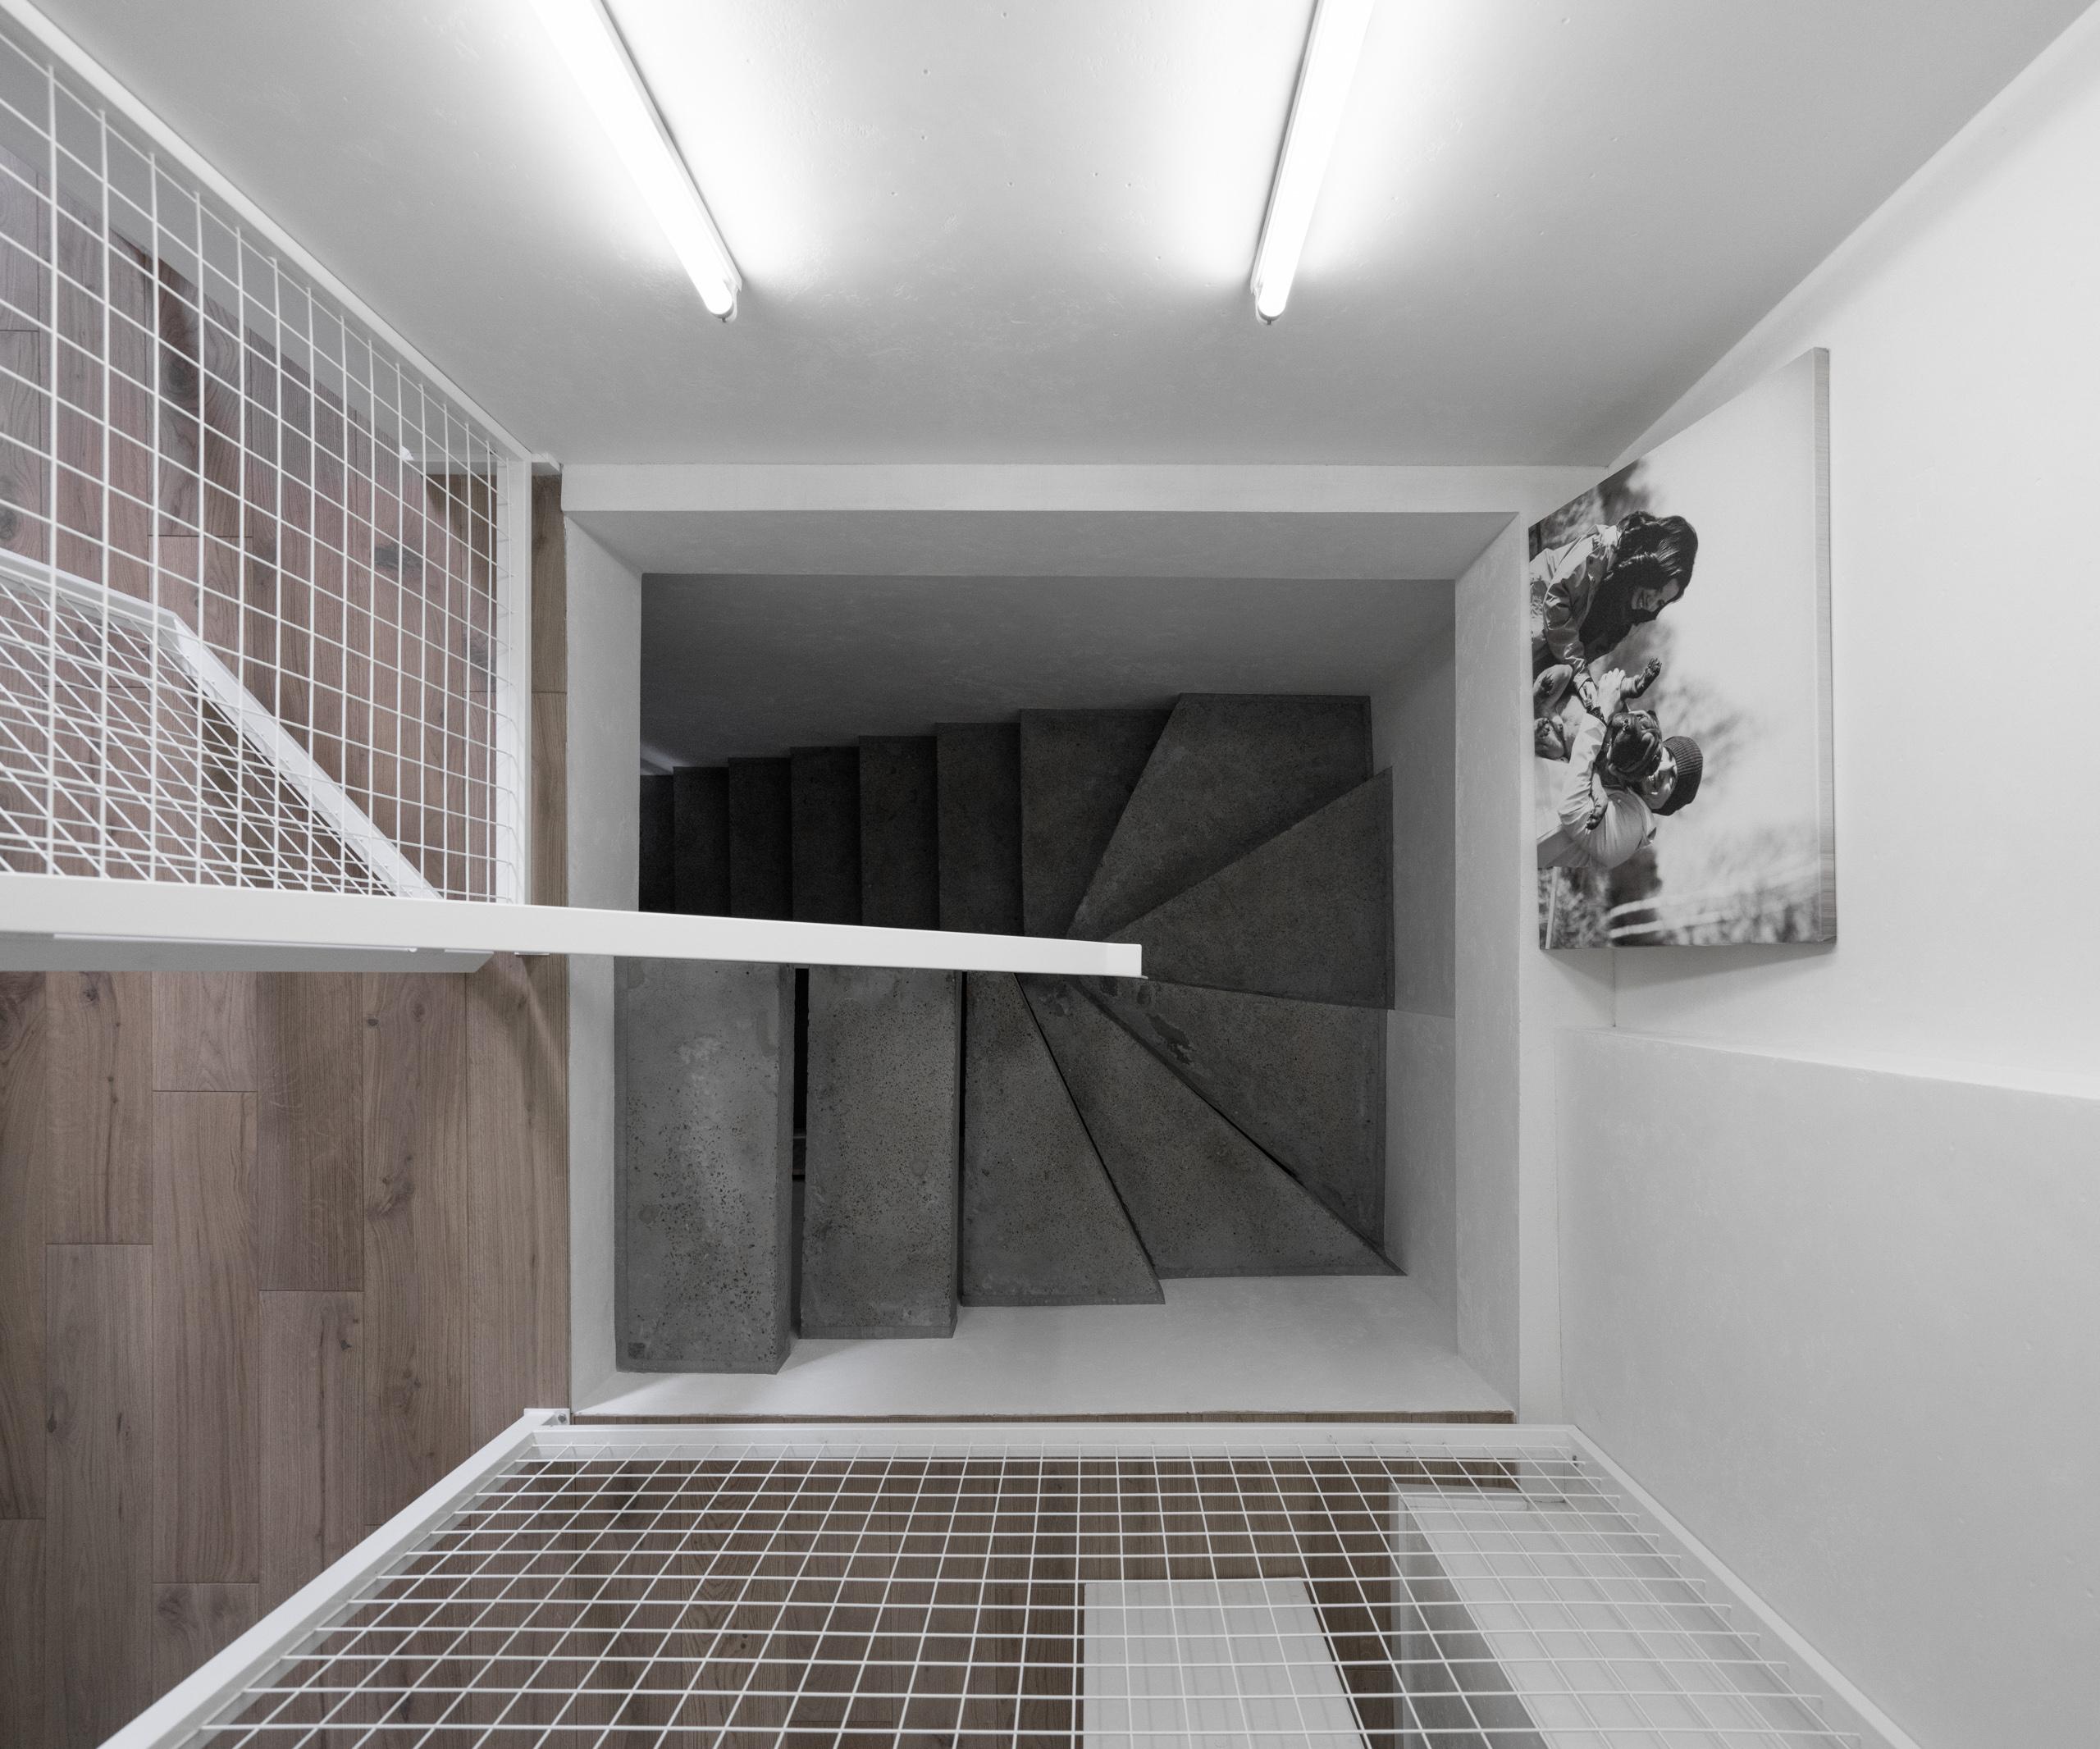 Фотосъемка интерьера лестницы из бетона вид сверху